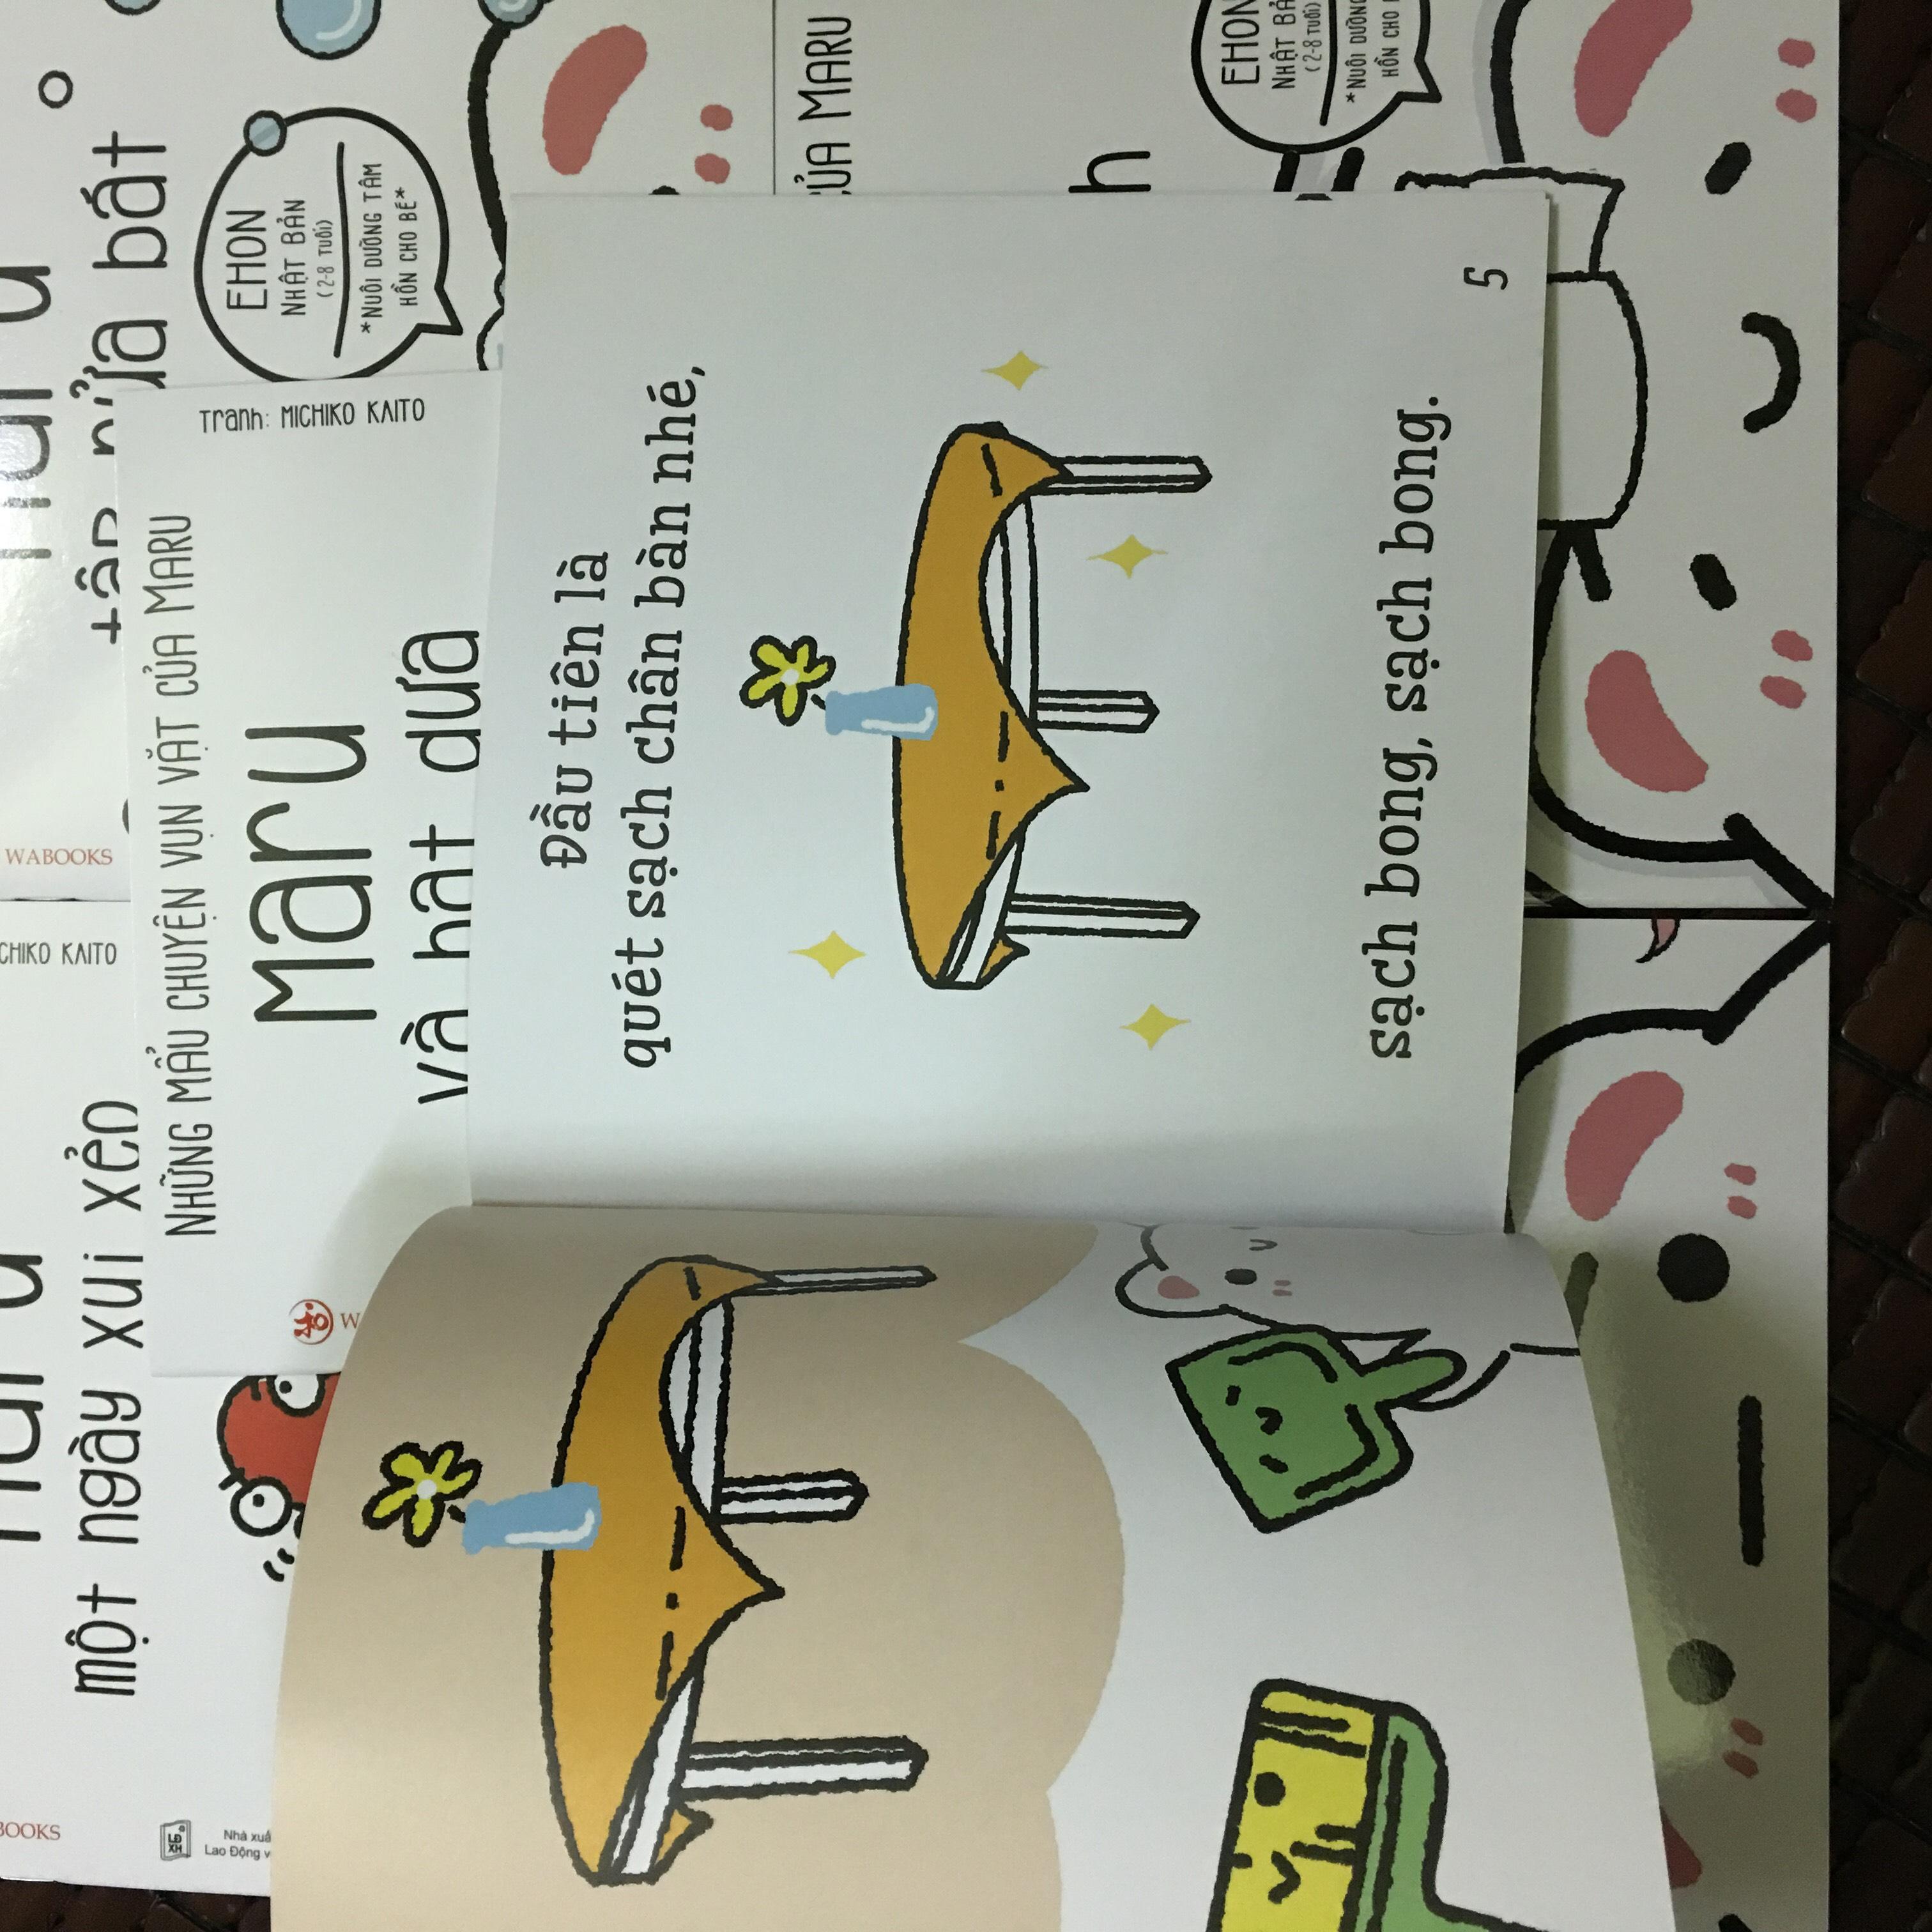 Ehon Nhật Bản - Nuôi dưỡng tâm hồn cho bé - Những mẩu chuyện vụn vặt của Maru ( trọn bộ 6 cuốn ) tặng kèm 1 tẩy hình con vật như hình